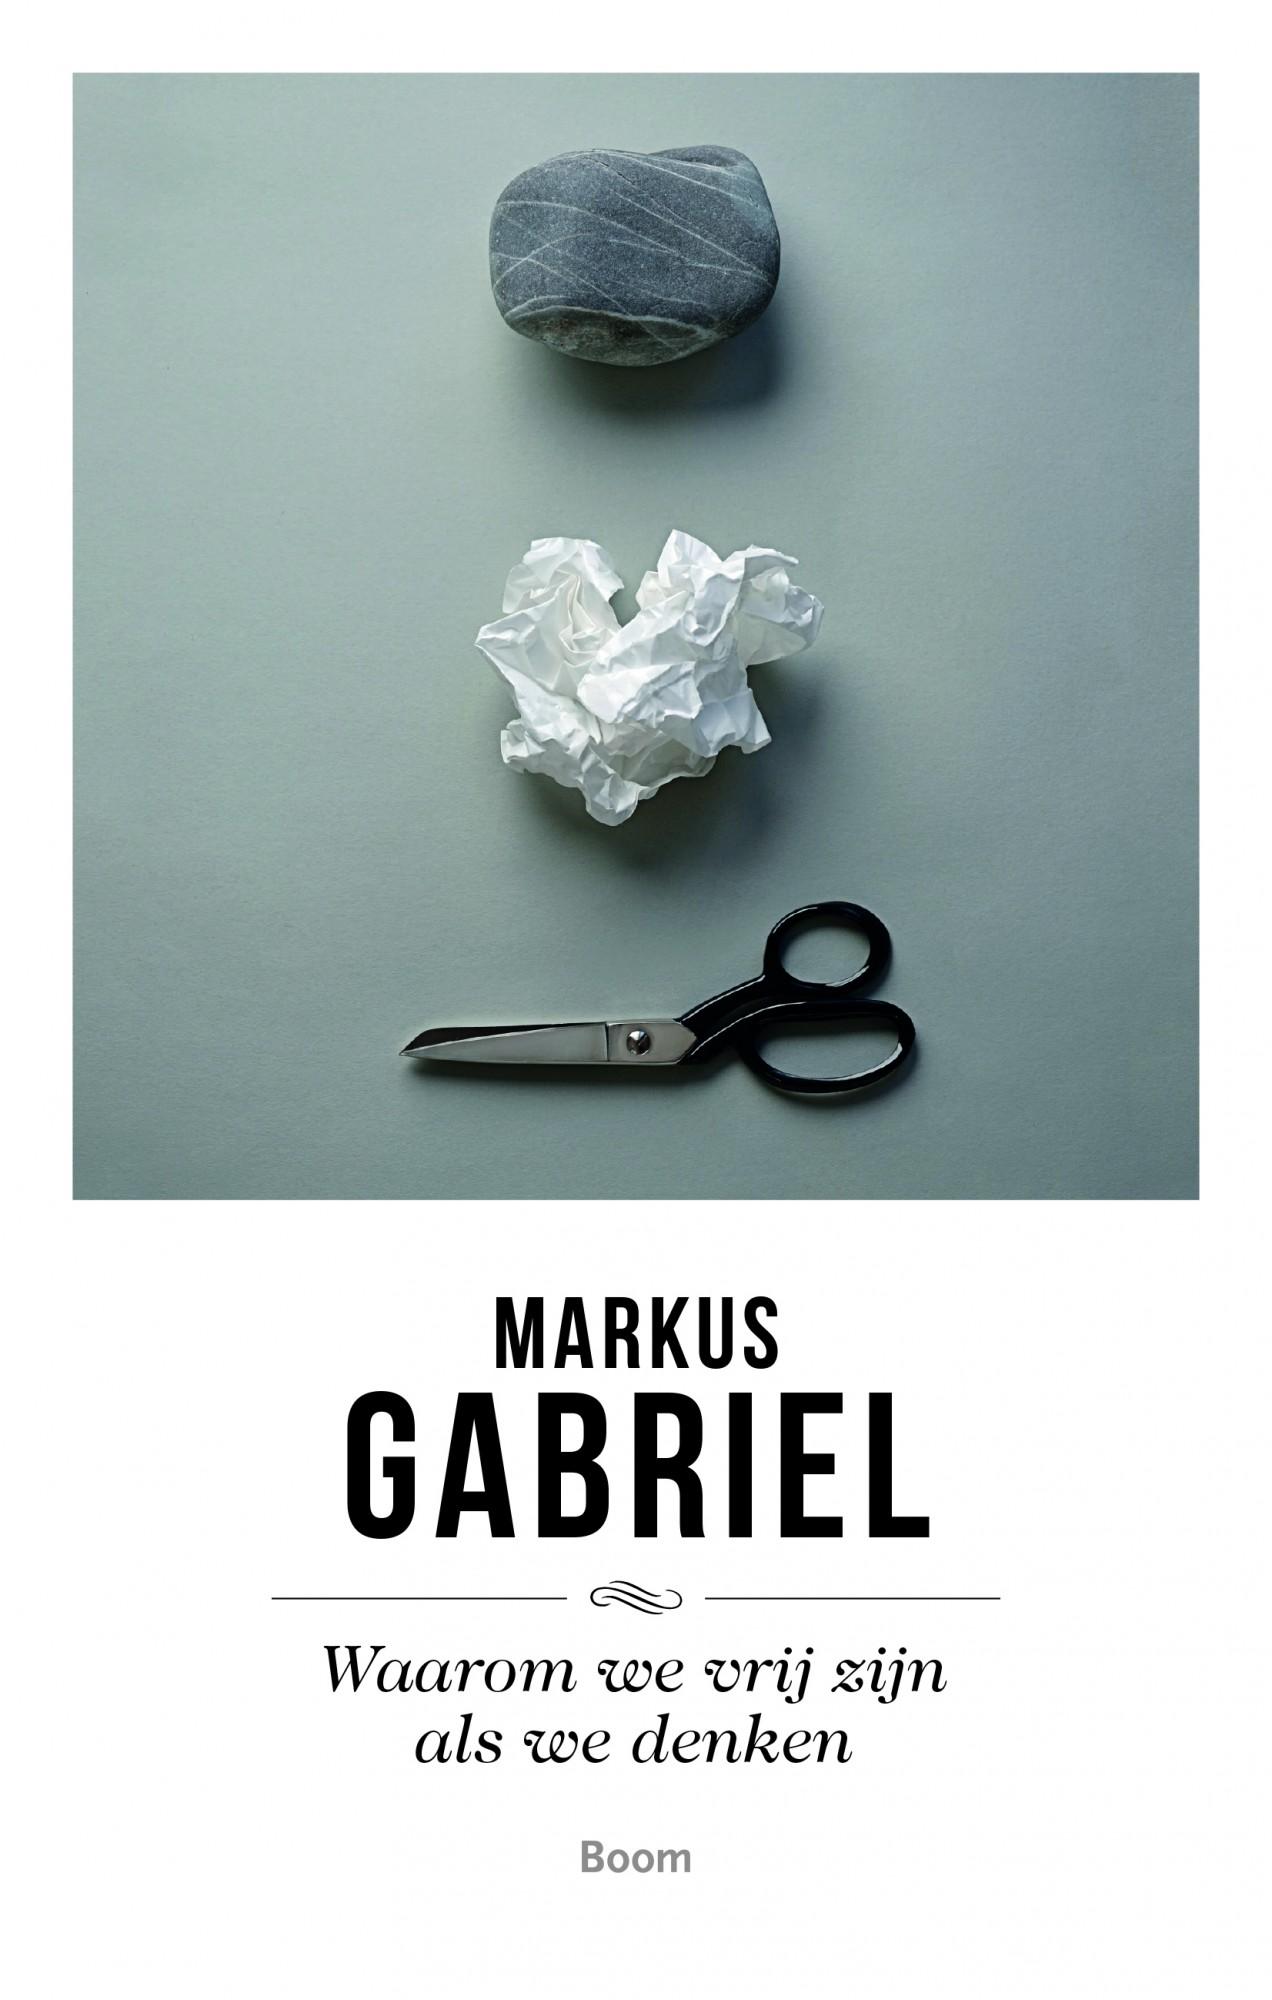 ISVW-iFilosofie #18 - Markus Gabriel, Waarom we blij zijn als we denken